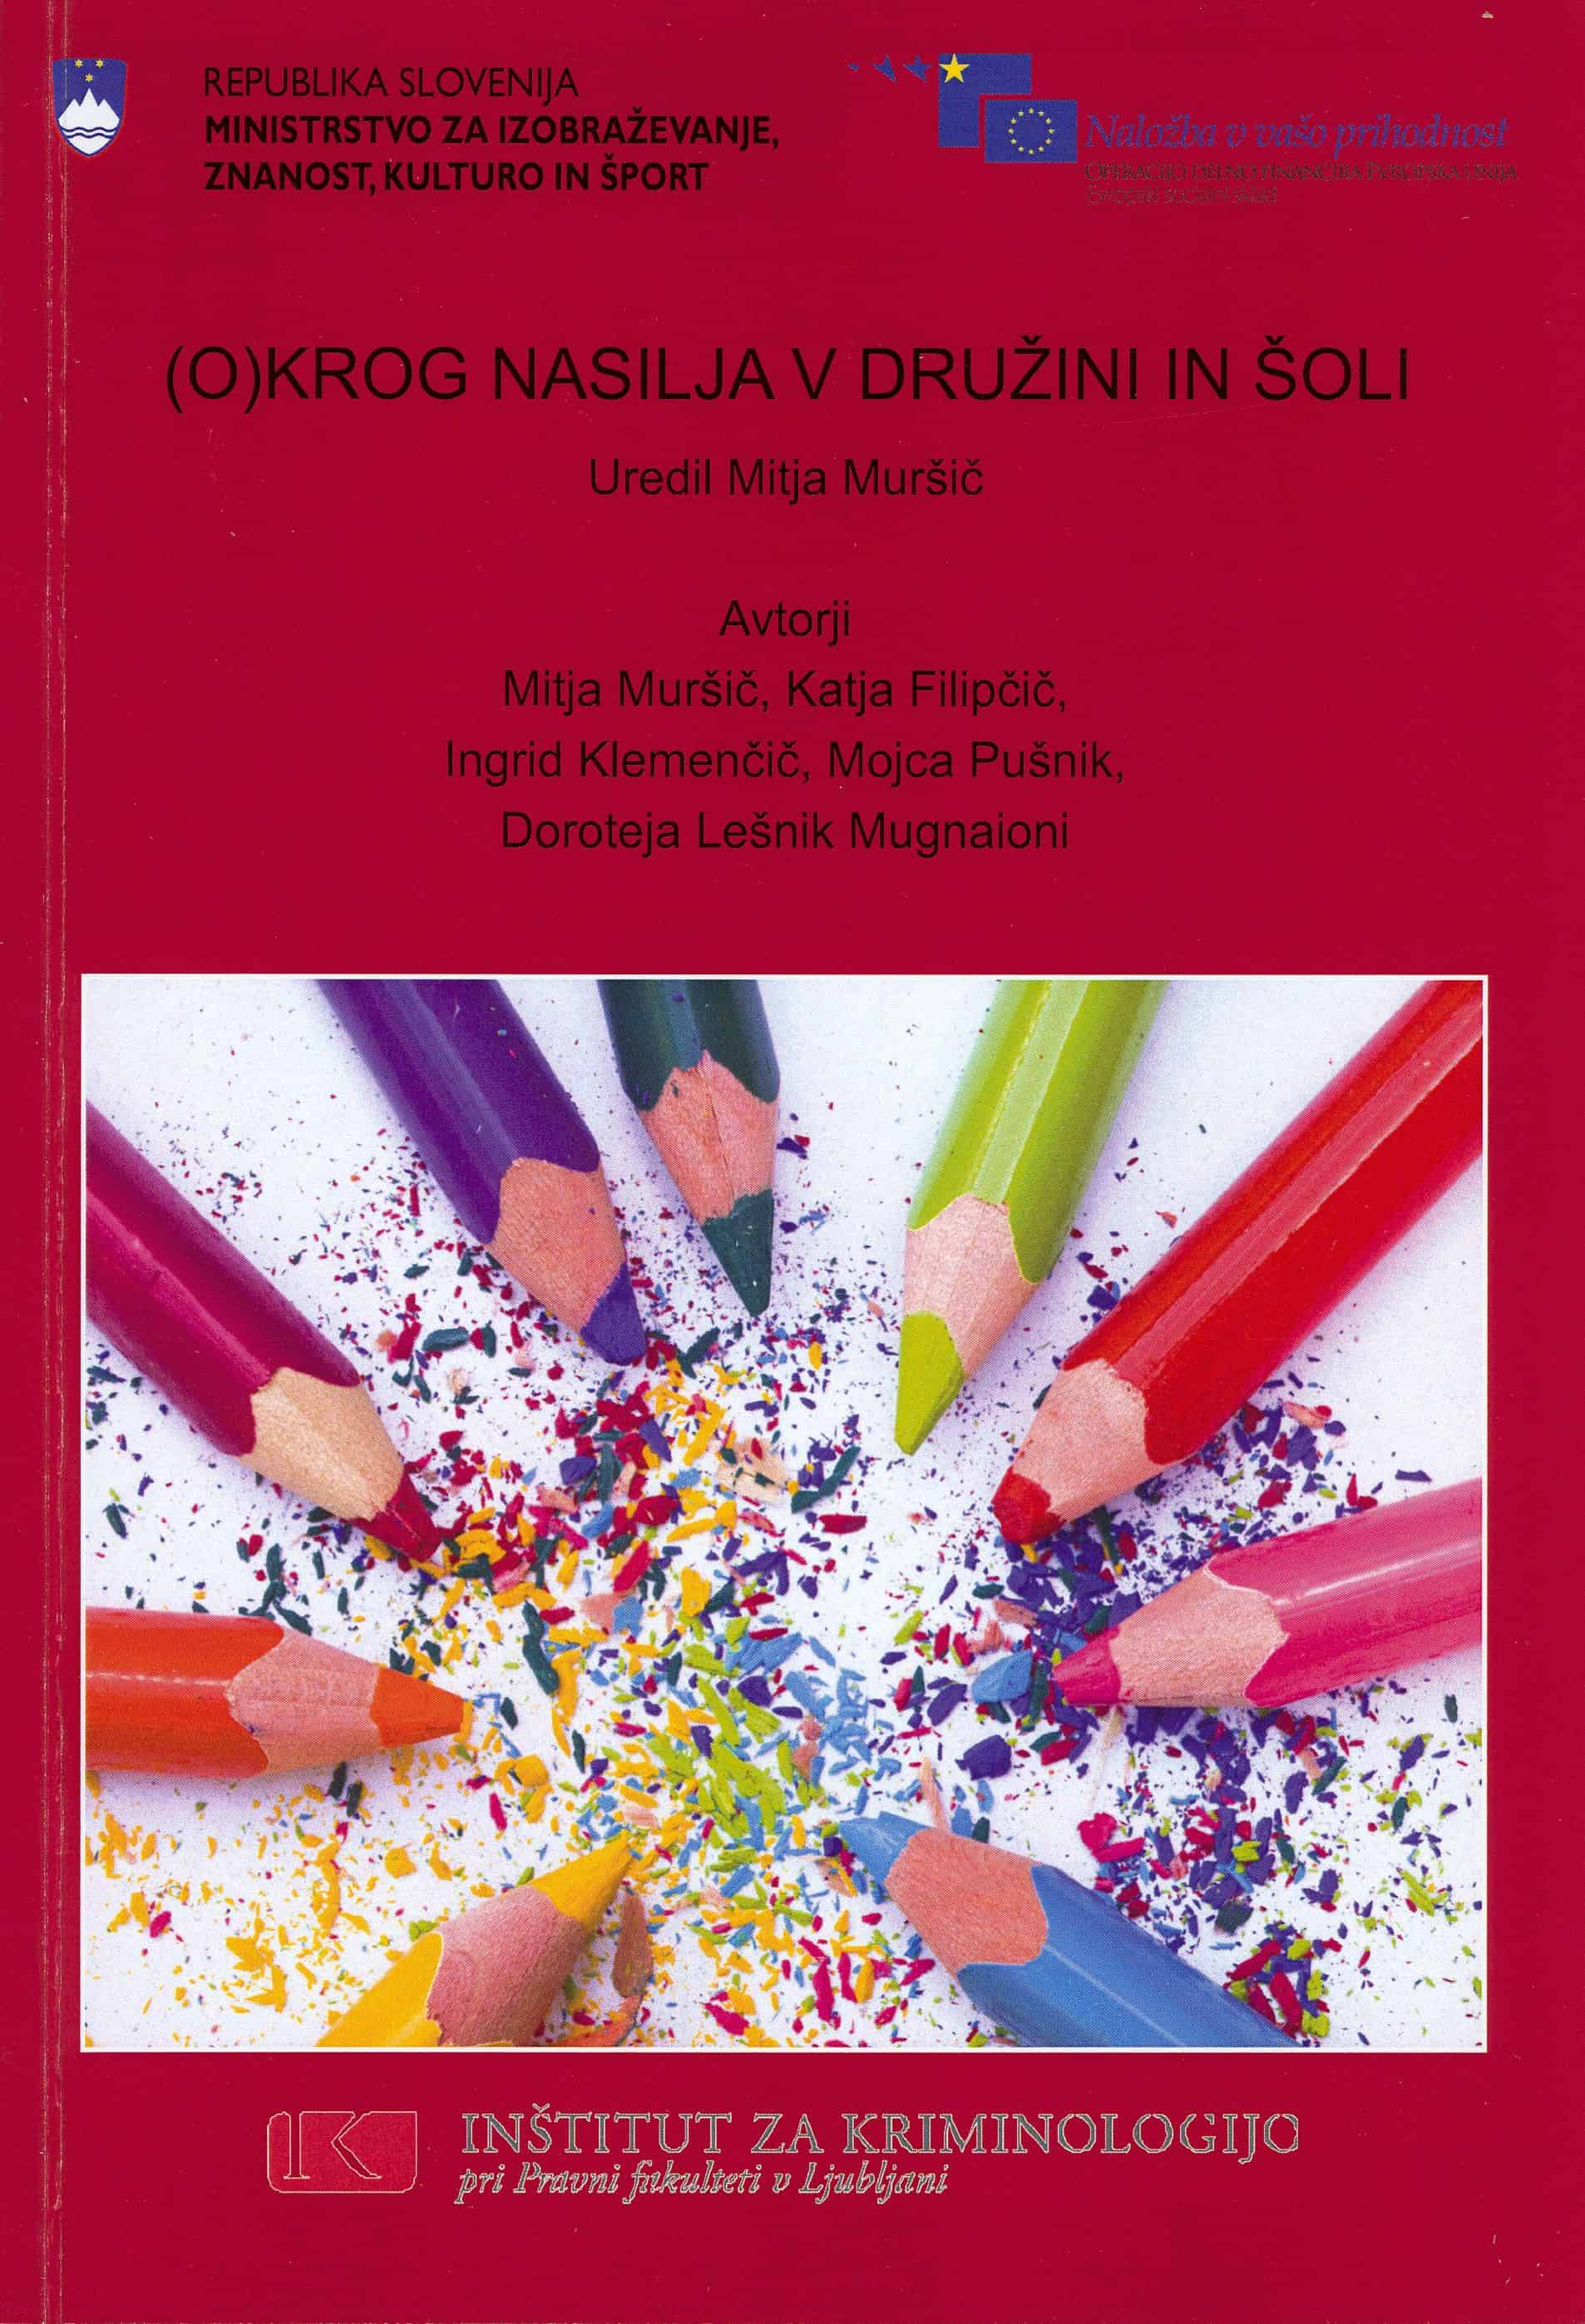 (O)krog nasilja v družini in šoli